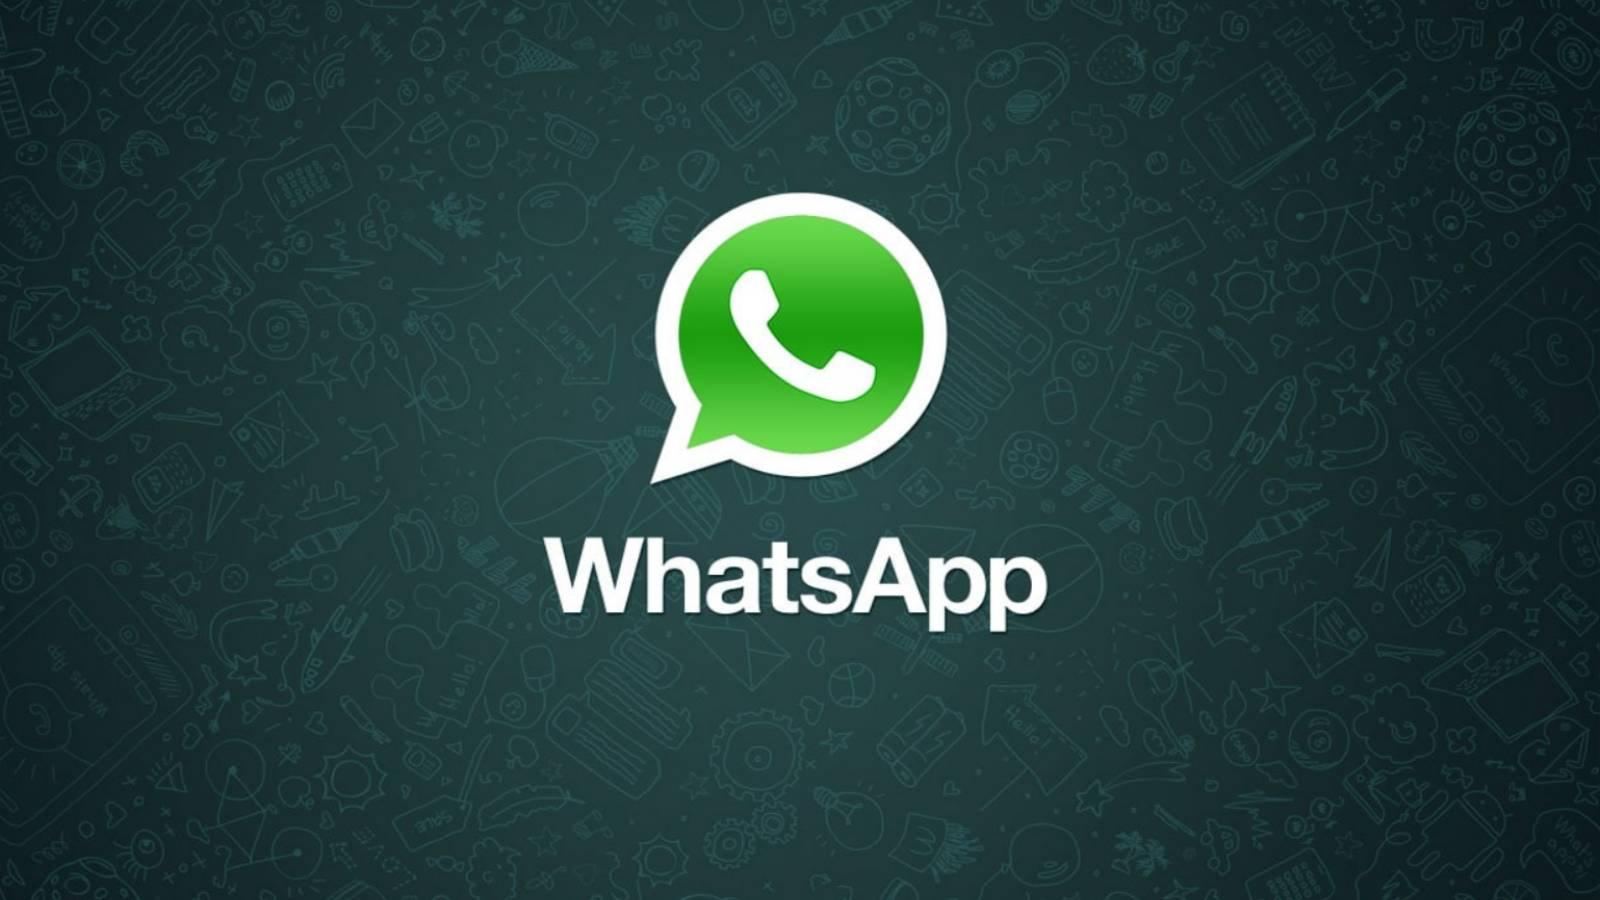 WhatsApp consum